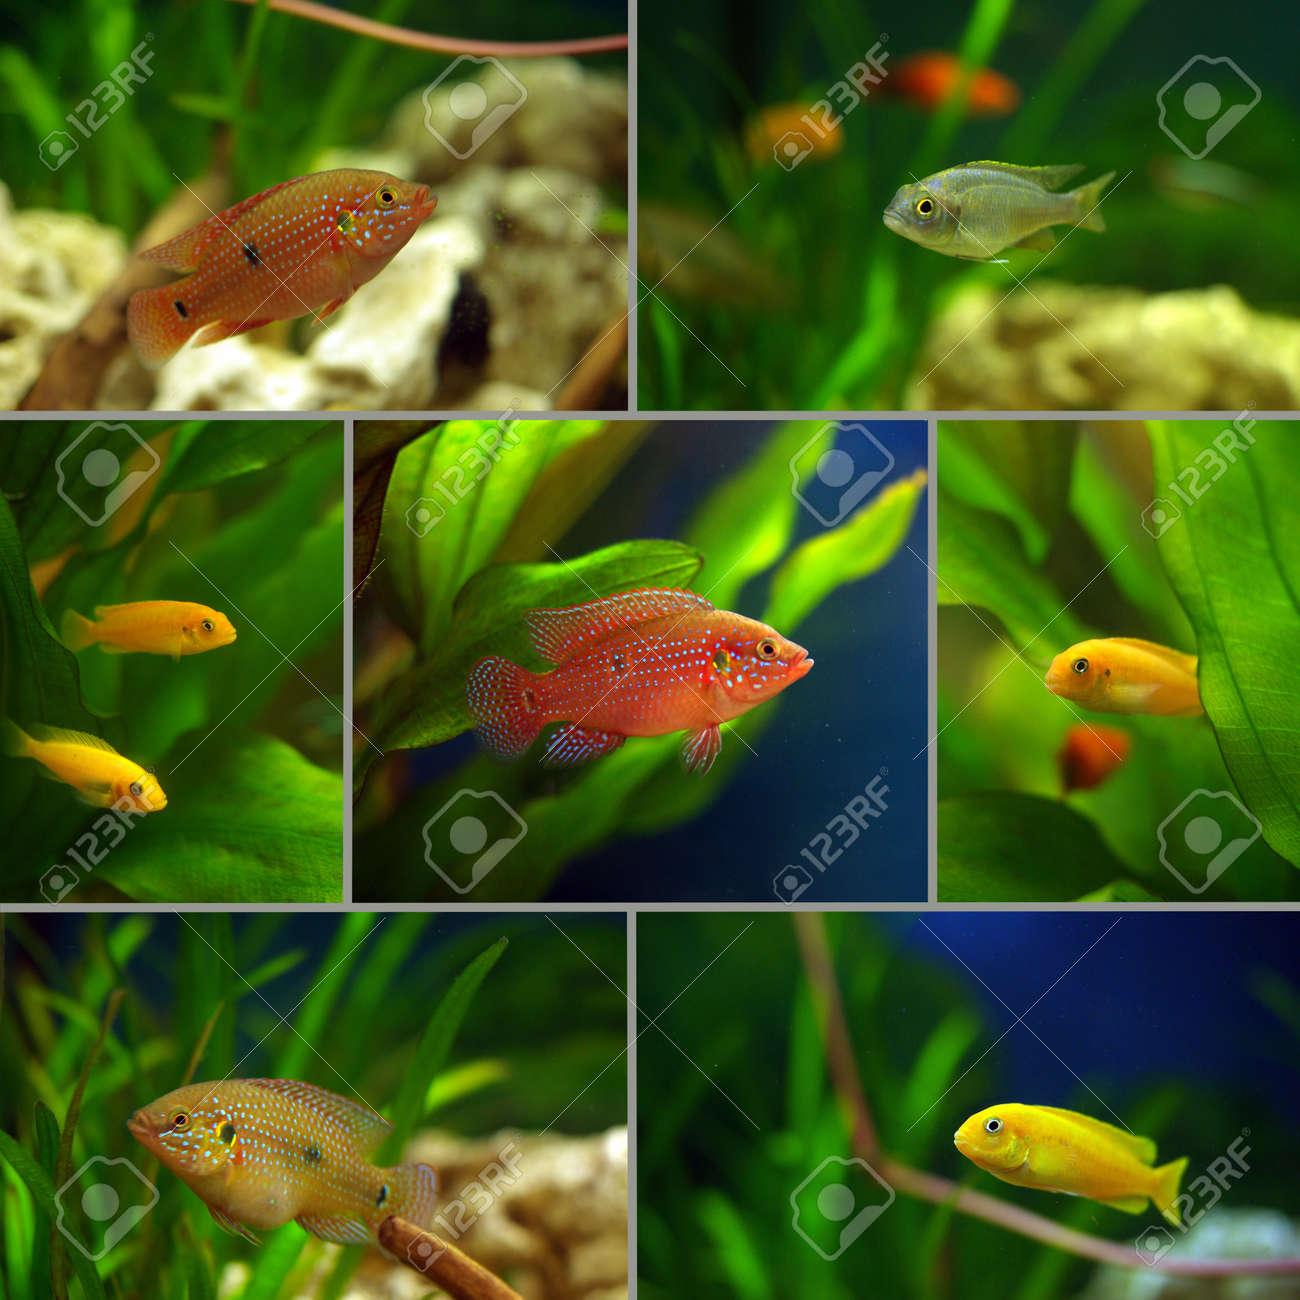 collage: cichlid aquarium fish in the aquarium Stock Photo - 16779685